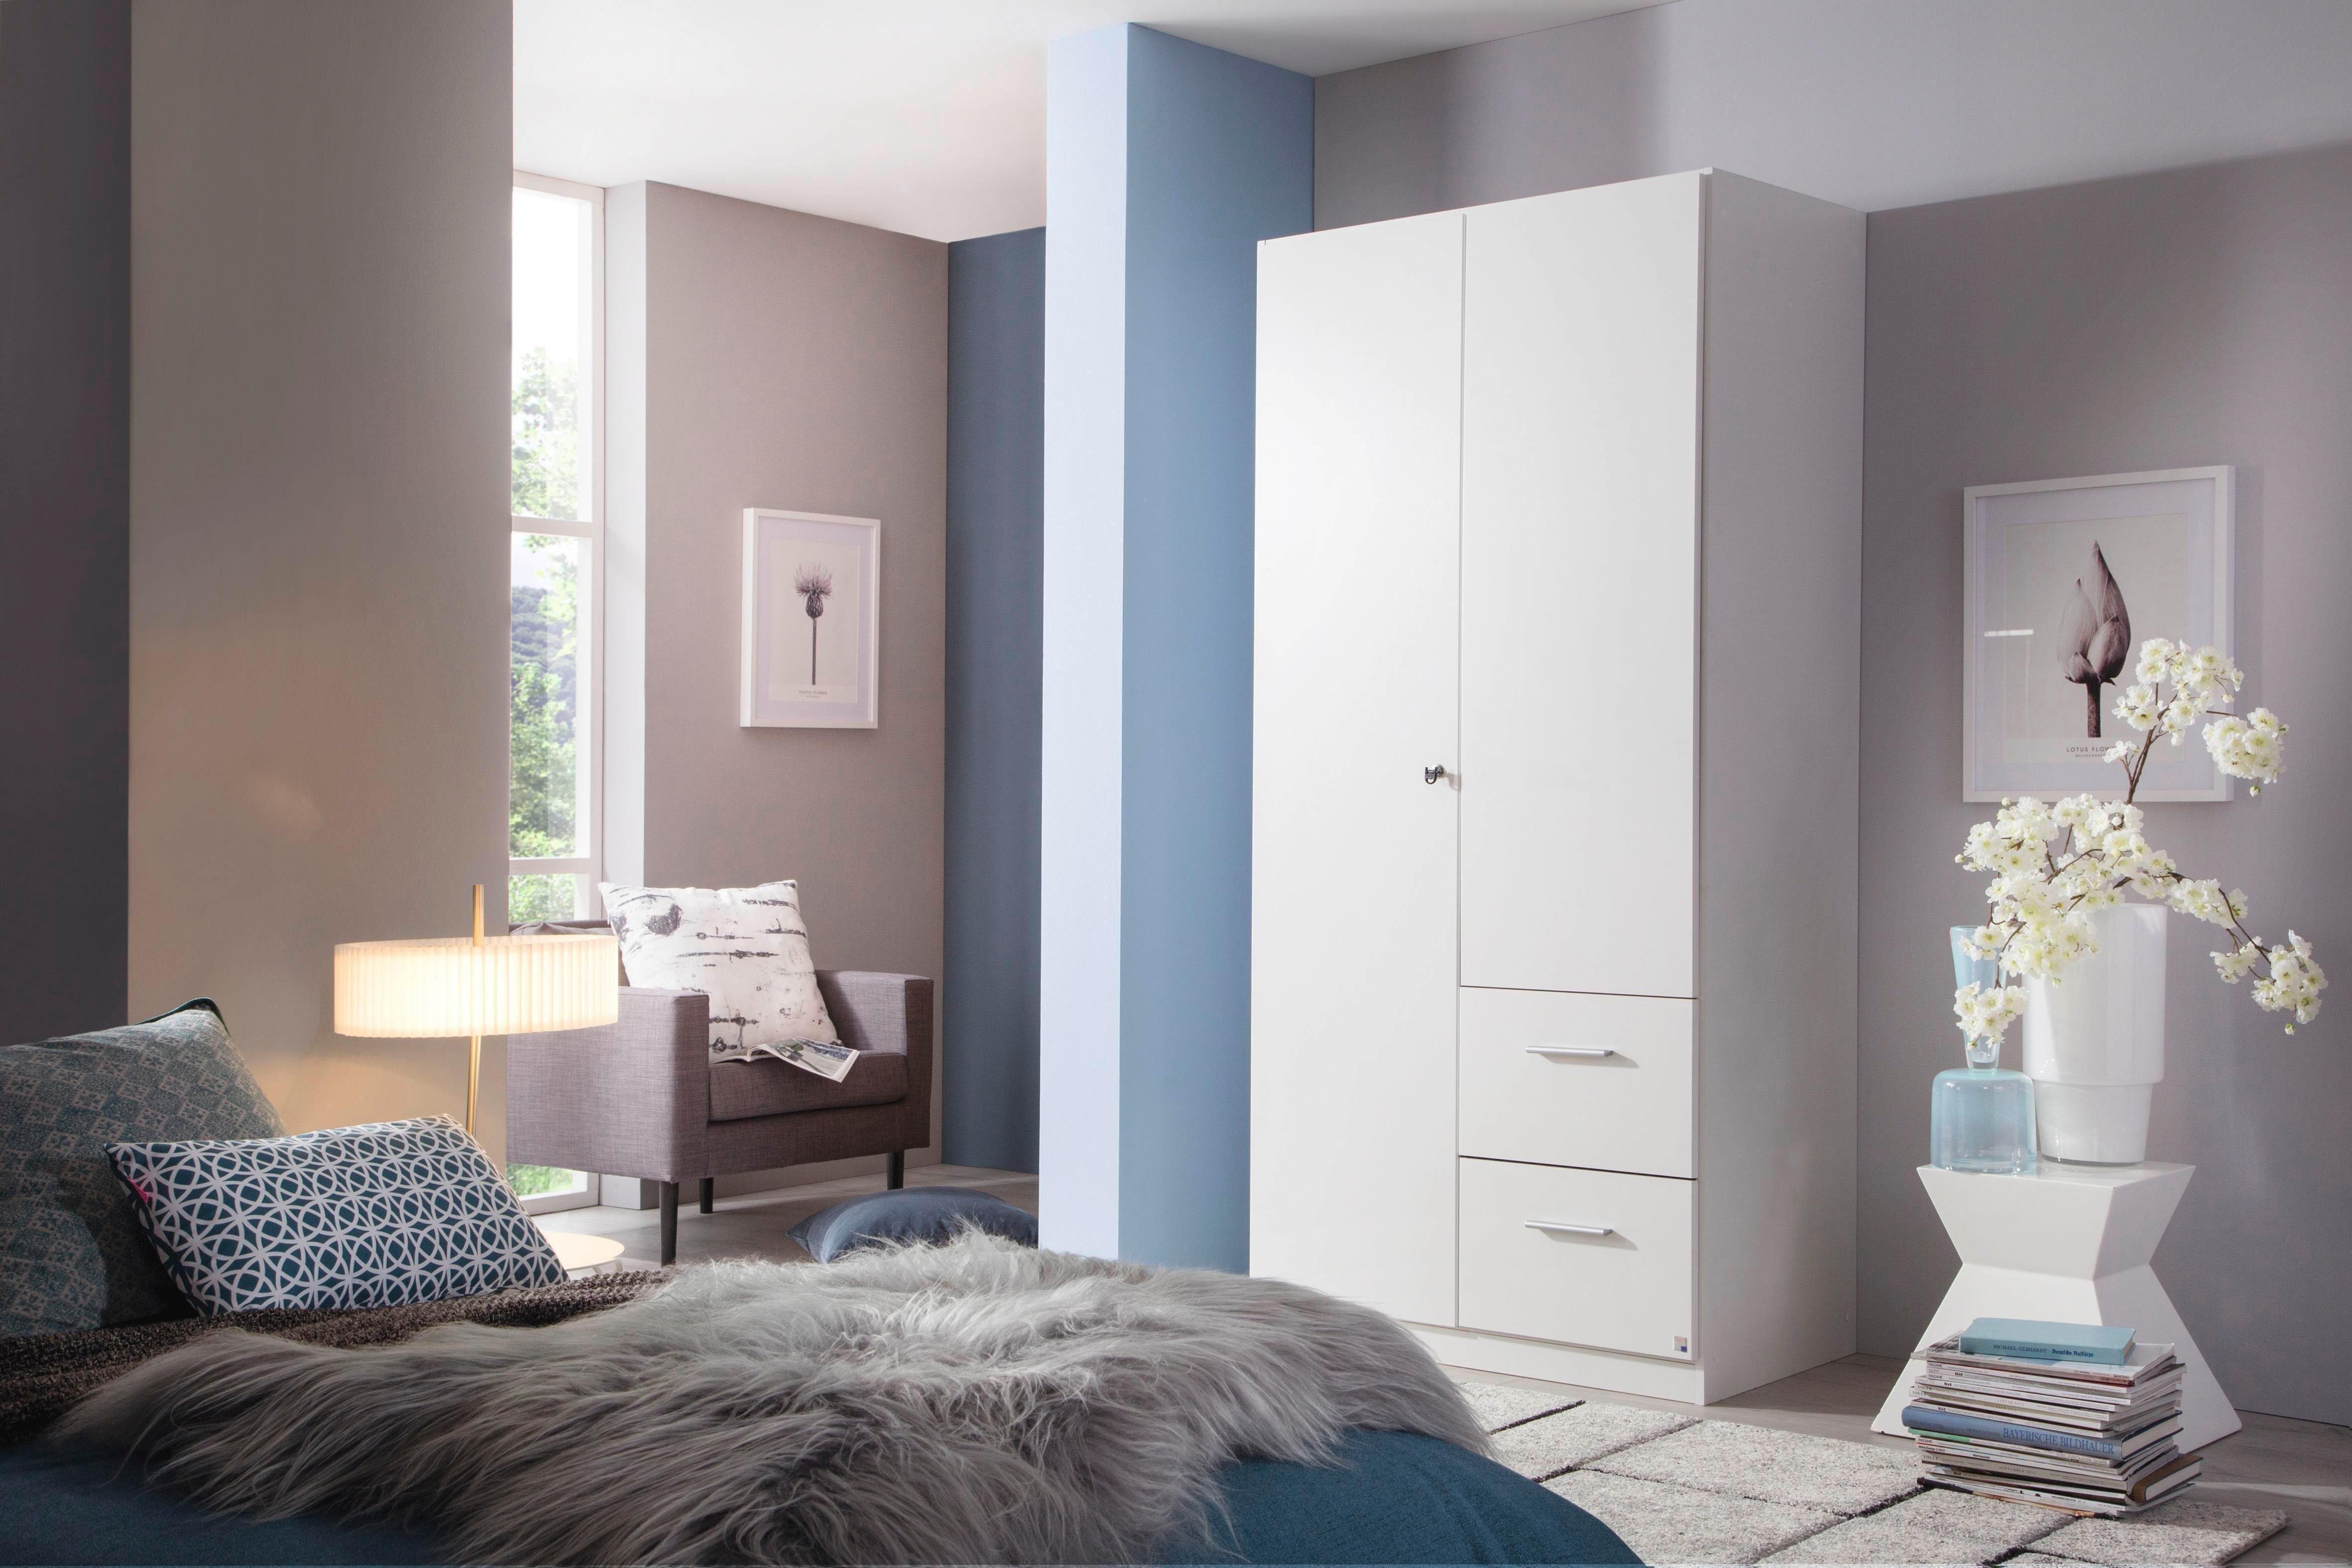 Schlafzimmerschrank Weiss Landhausstil Schrank Kleider